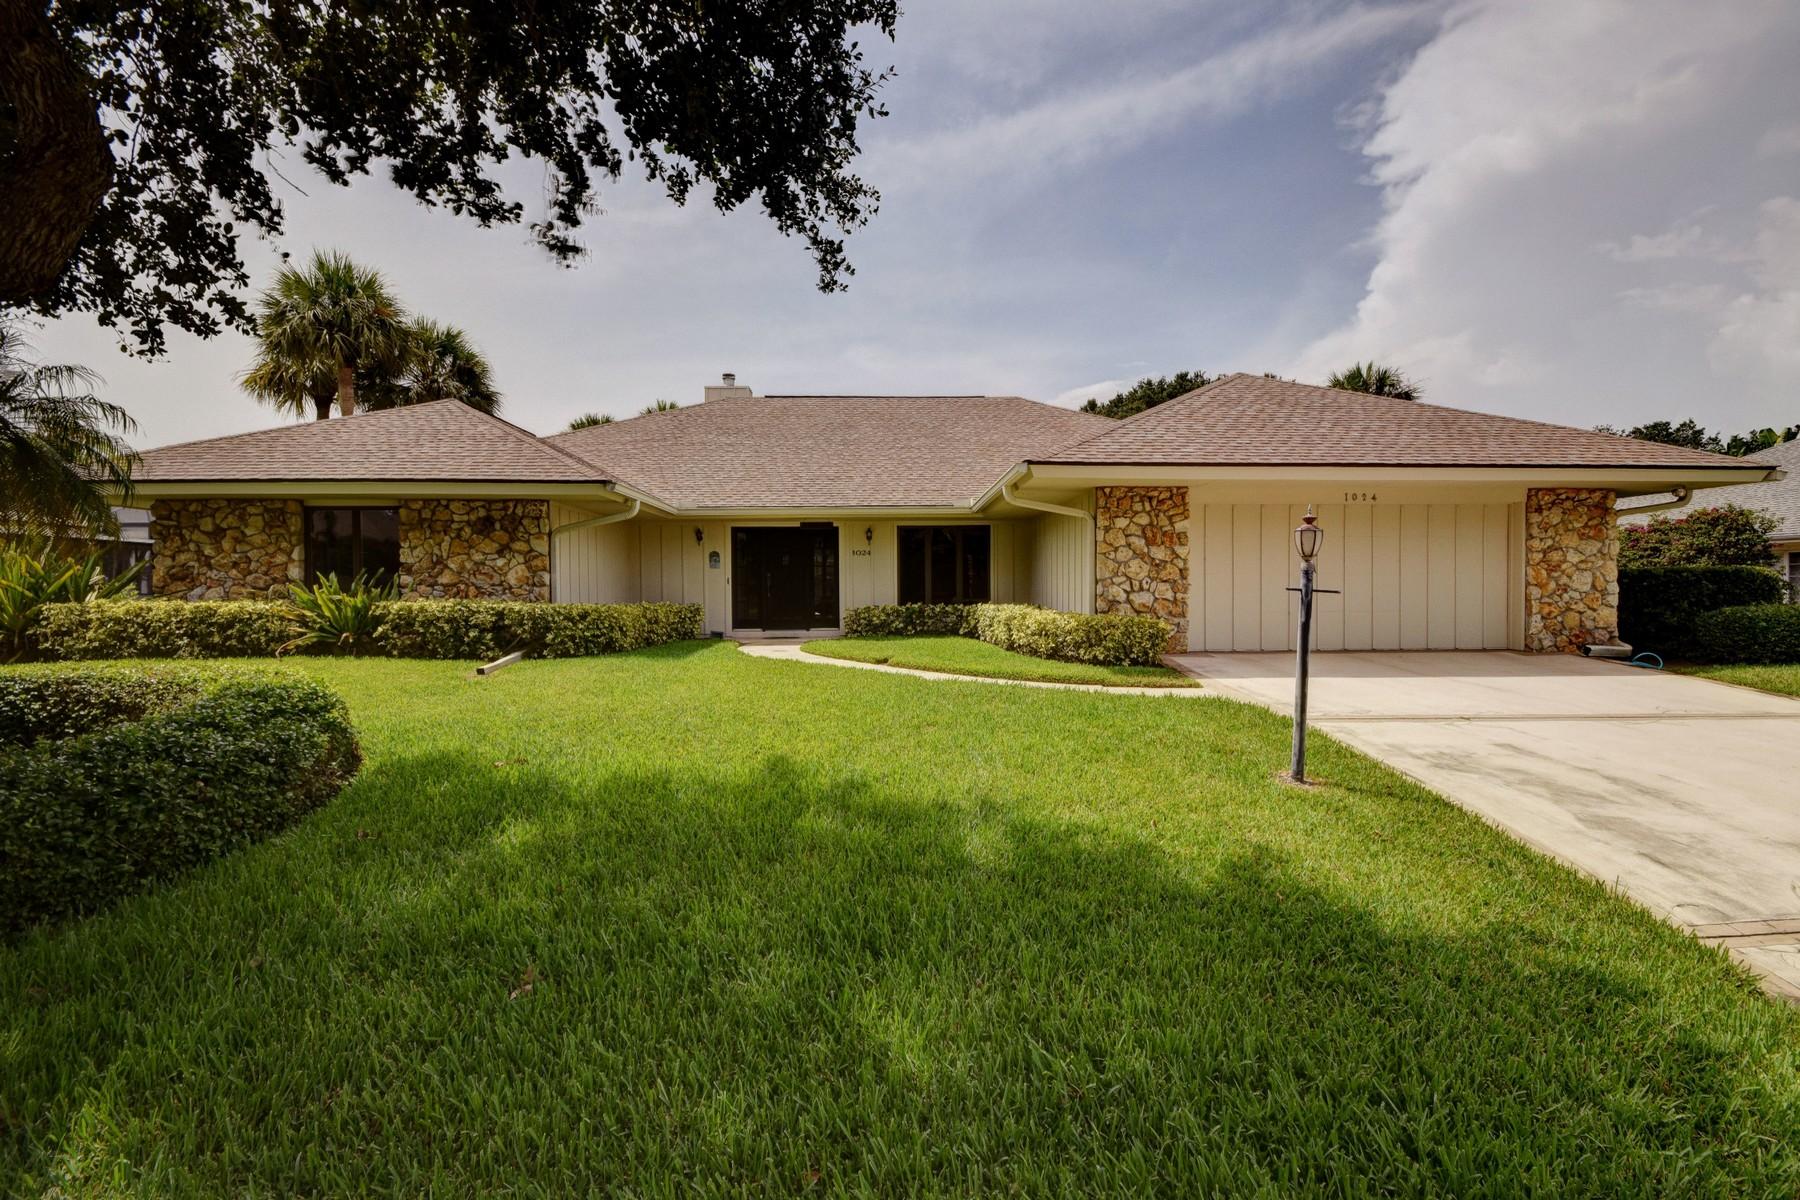 단독 가정 주택 용 매매 에 Exceptional pool home in Castaway Cove 1024 Mangrove Lane Vero Beach, 플로리다 32963 미국